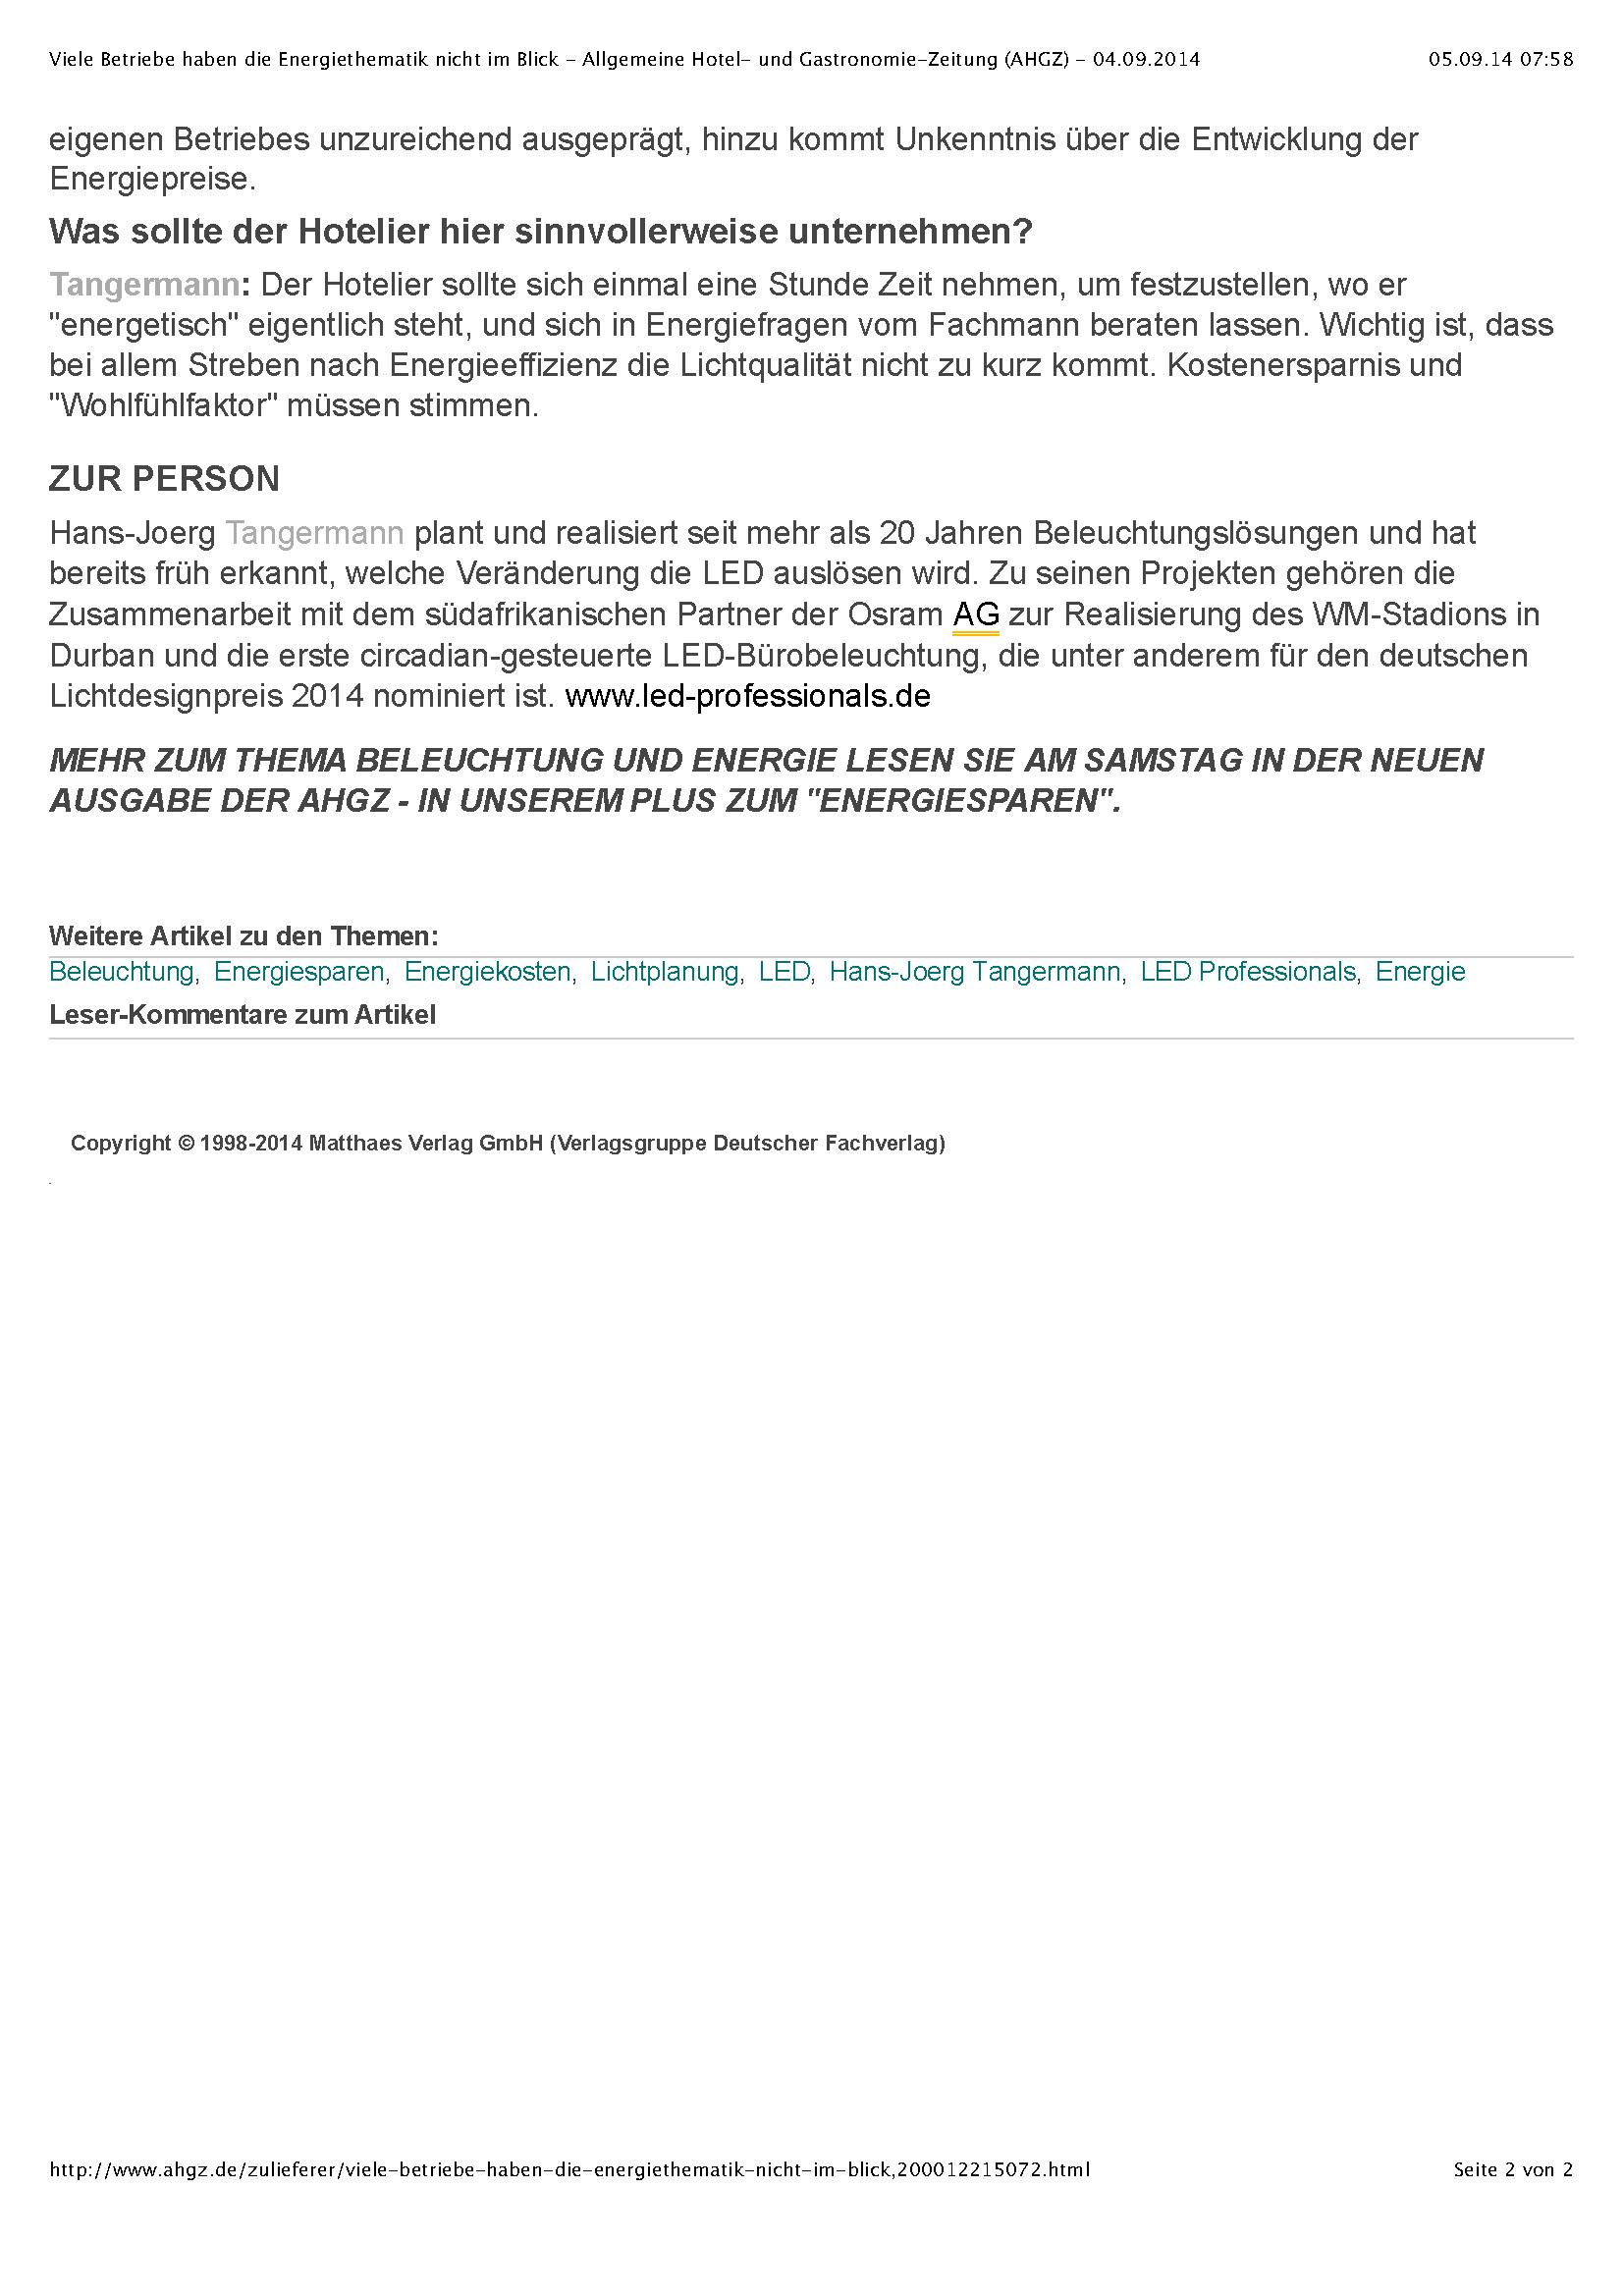 Viele Betriebe haben die Energiethematik nicht im Blick - Allgemeine Hotel- und Gastronomie-Zeitung (AHGZ) - 04.09.2014_Seite_2